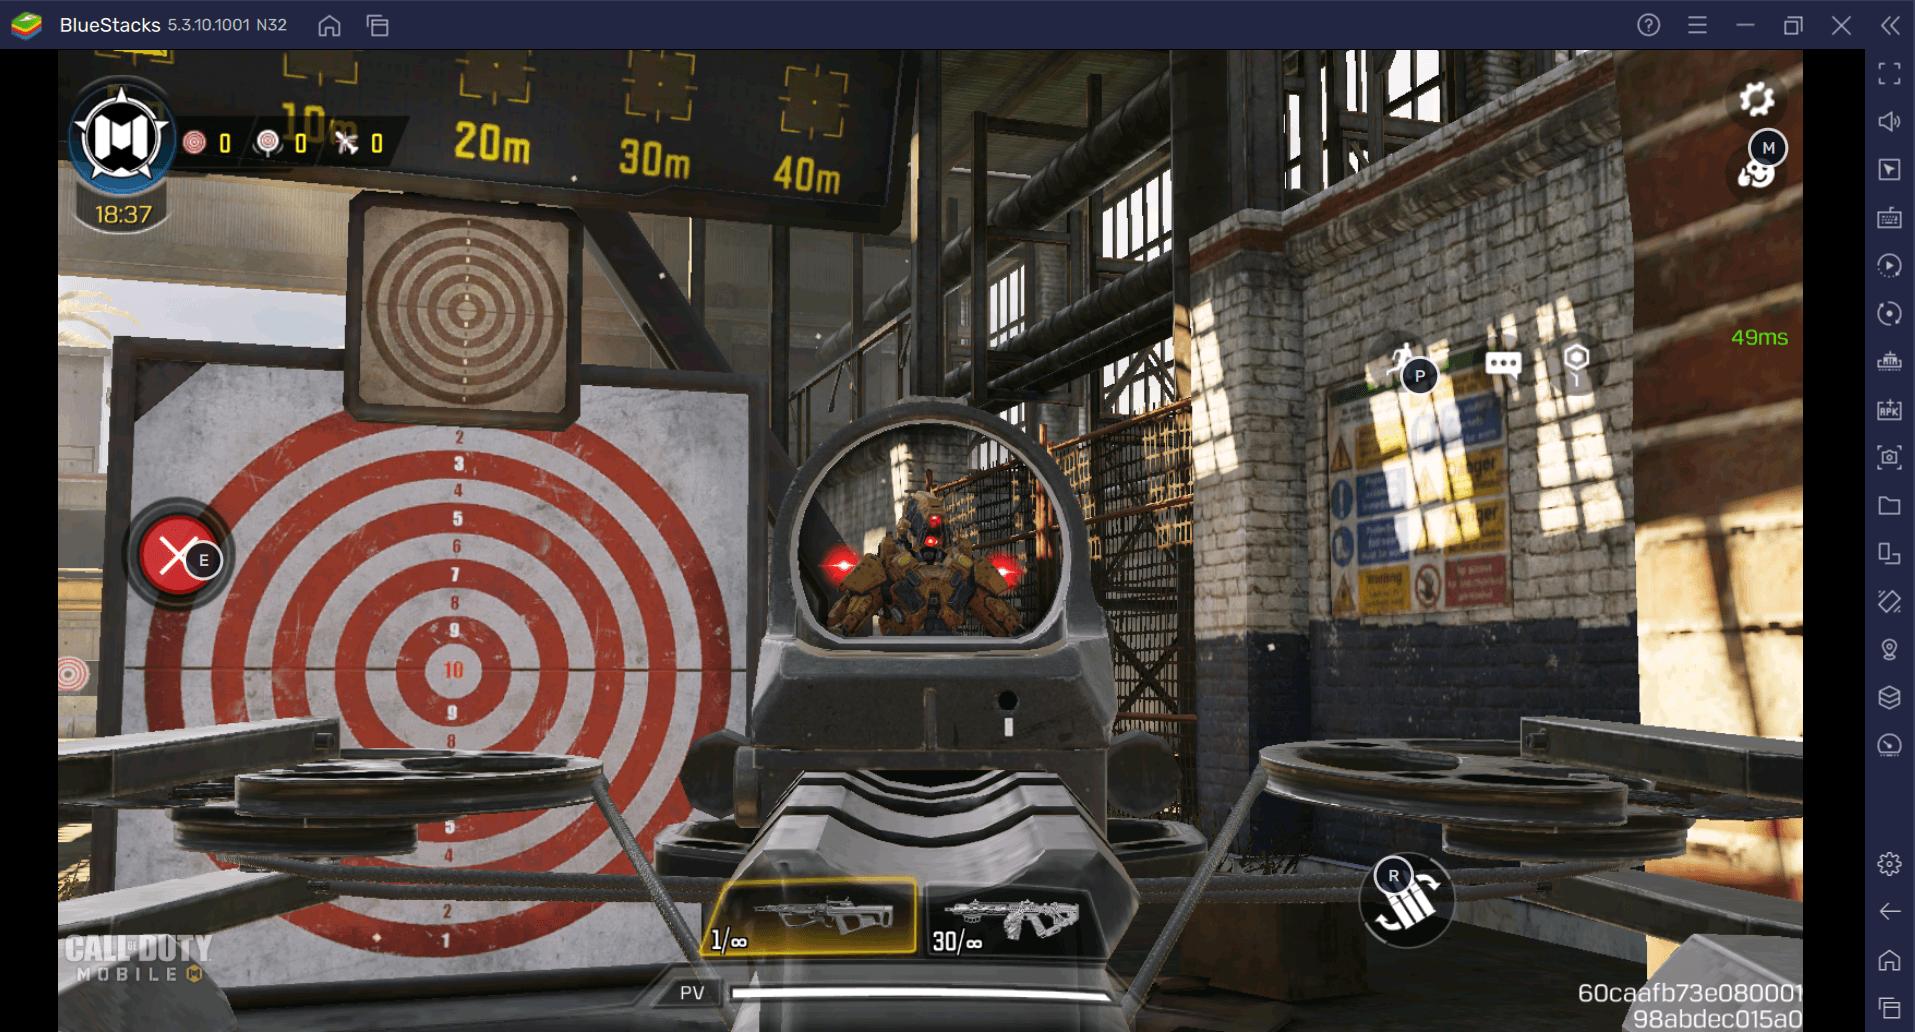 Guia de armas: como jogar com a Besta (Crossbow), nova arma secundária de Call of Duty: Mobile